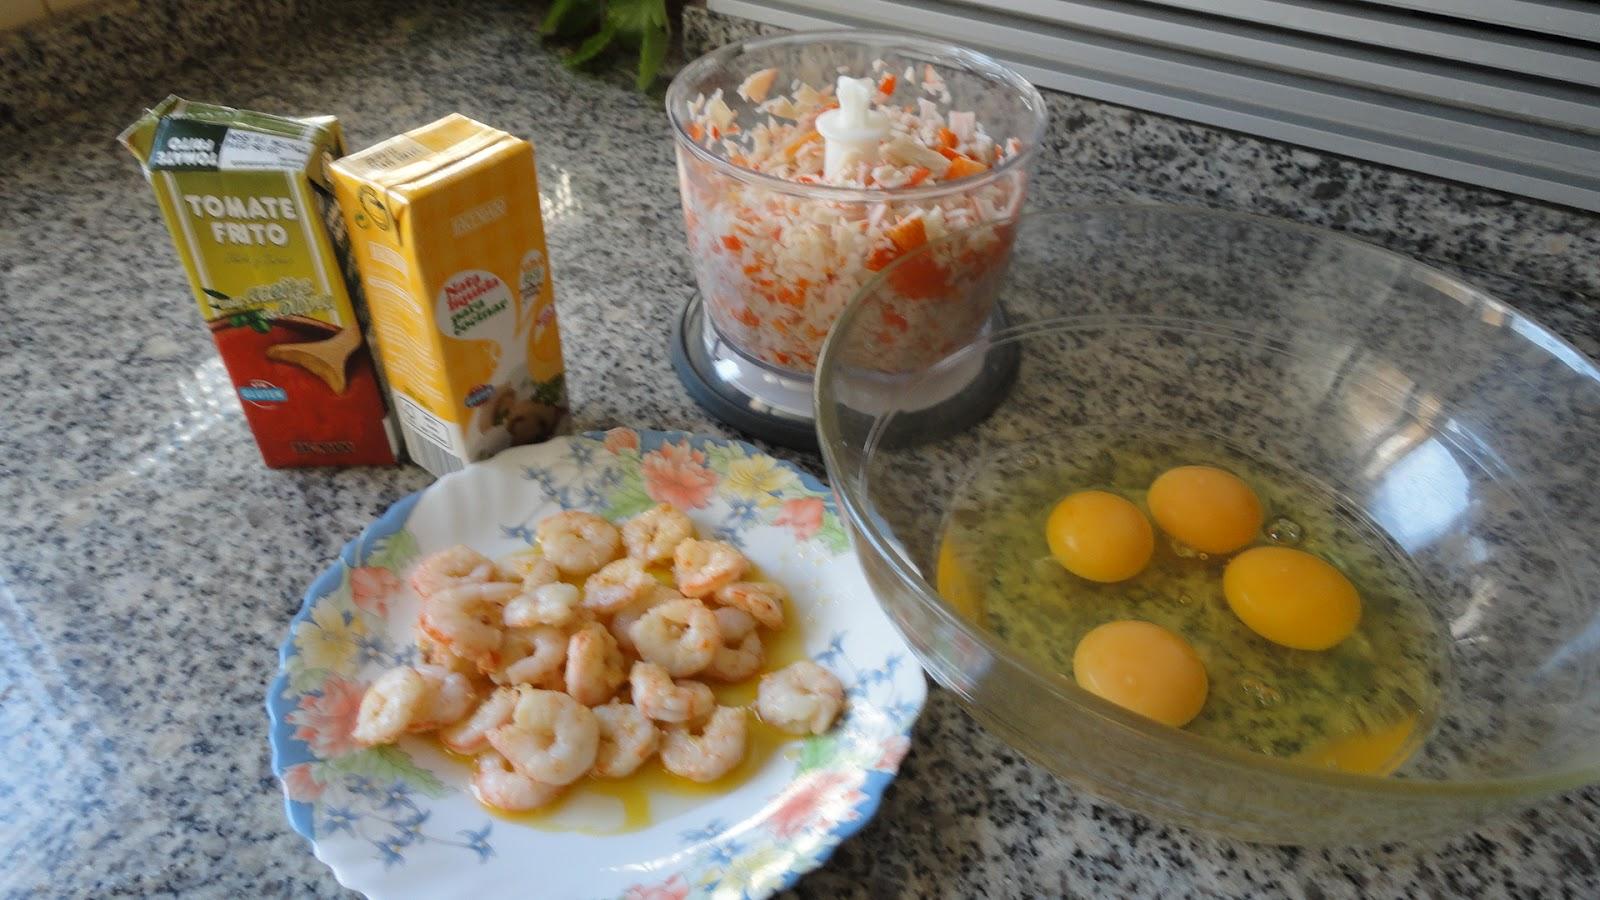 Mari recetas pastel de surimi palitos de cangrejo al microondas - Bizcocho microondas isasaweis ...